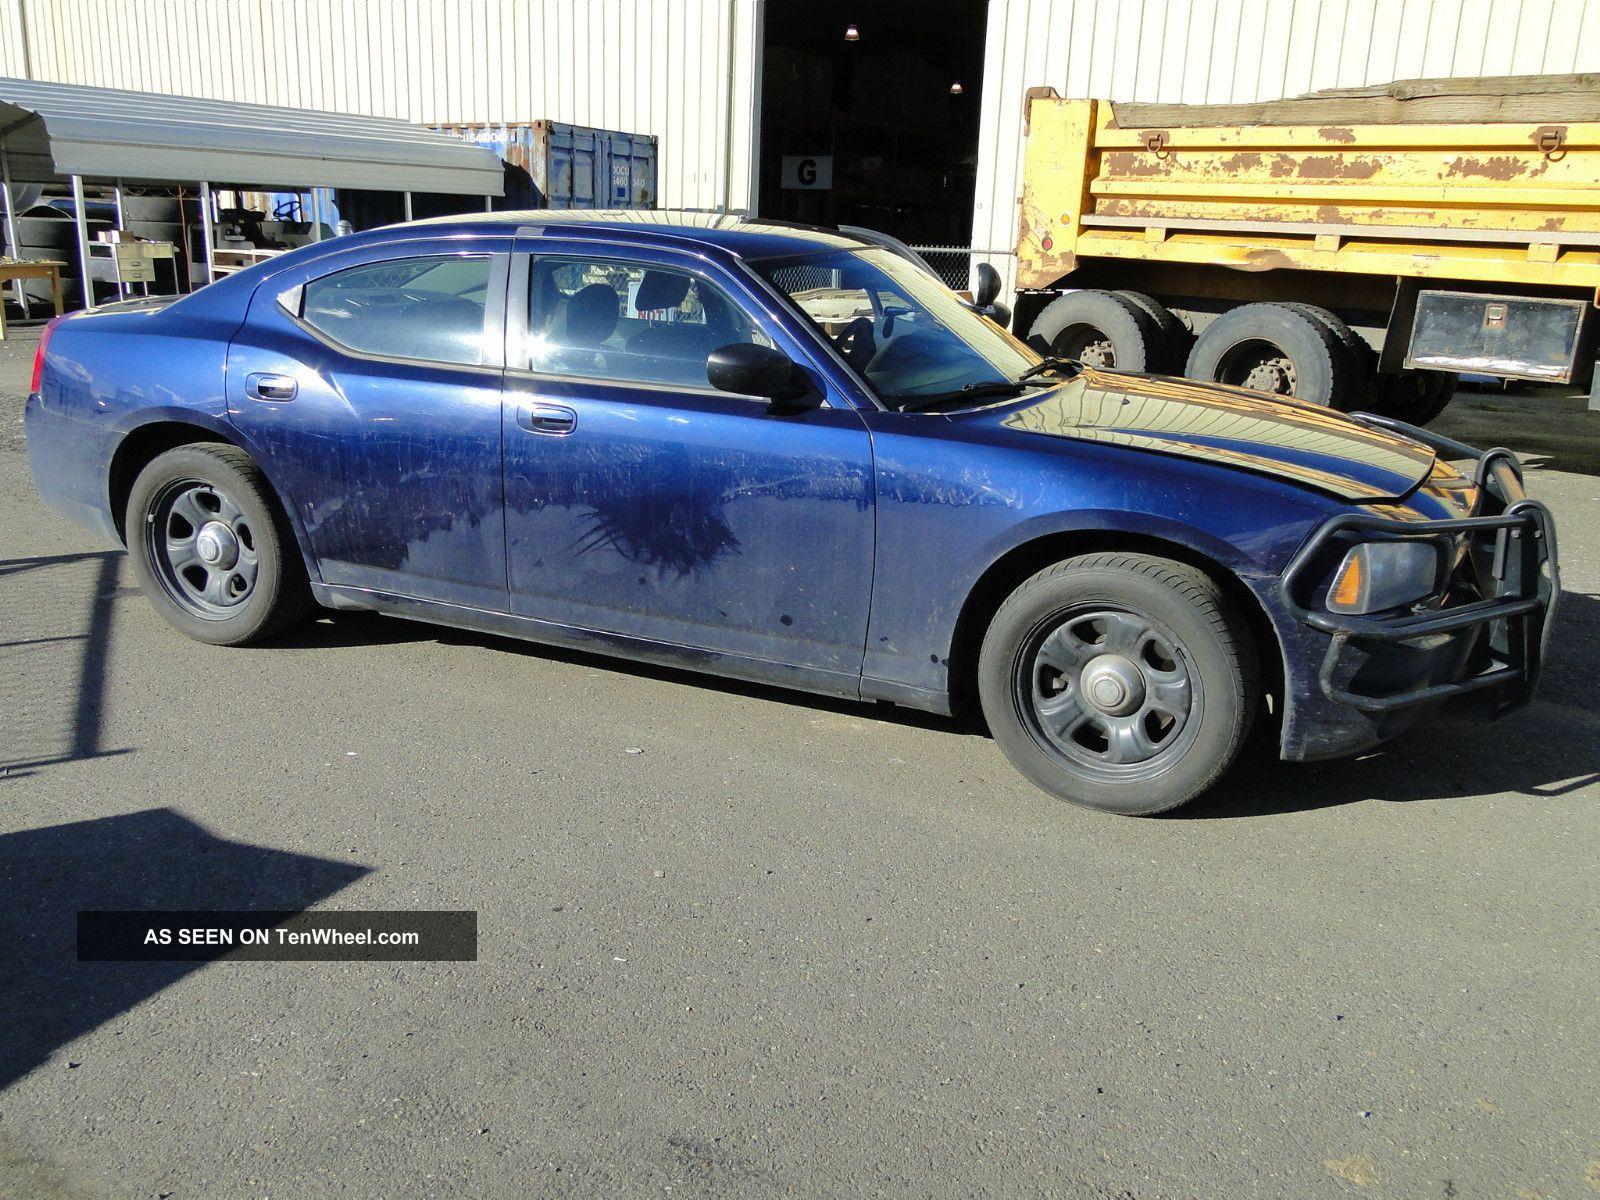 2006 dodge charger rwd 4 door sedan ex police vehicle. Black Bedroom Furniture Sets. Home Design Ideas